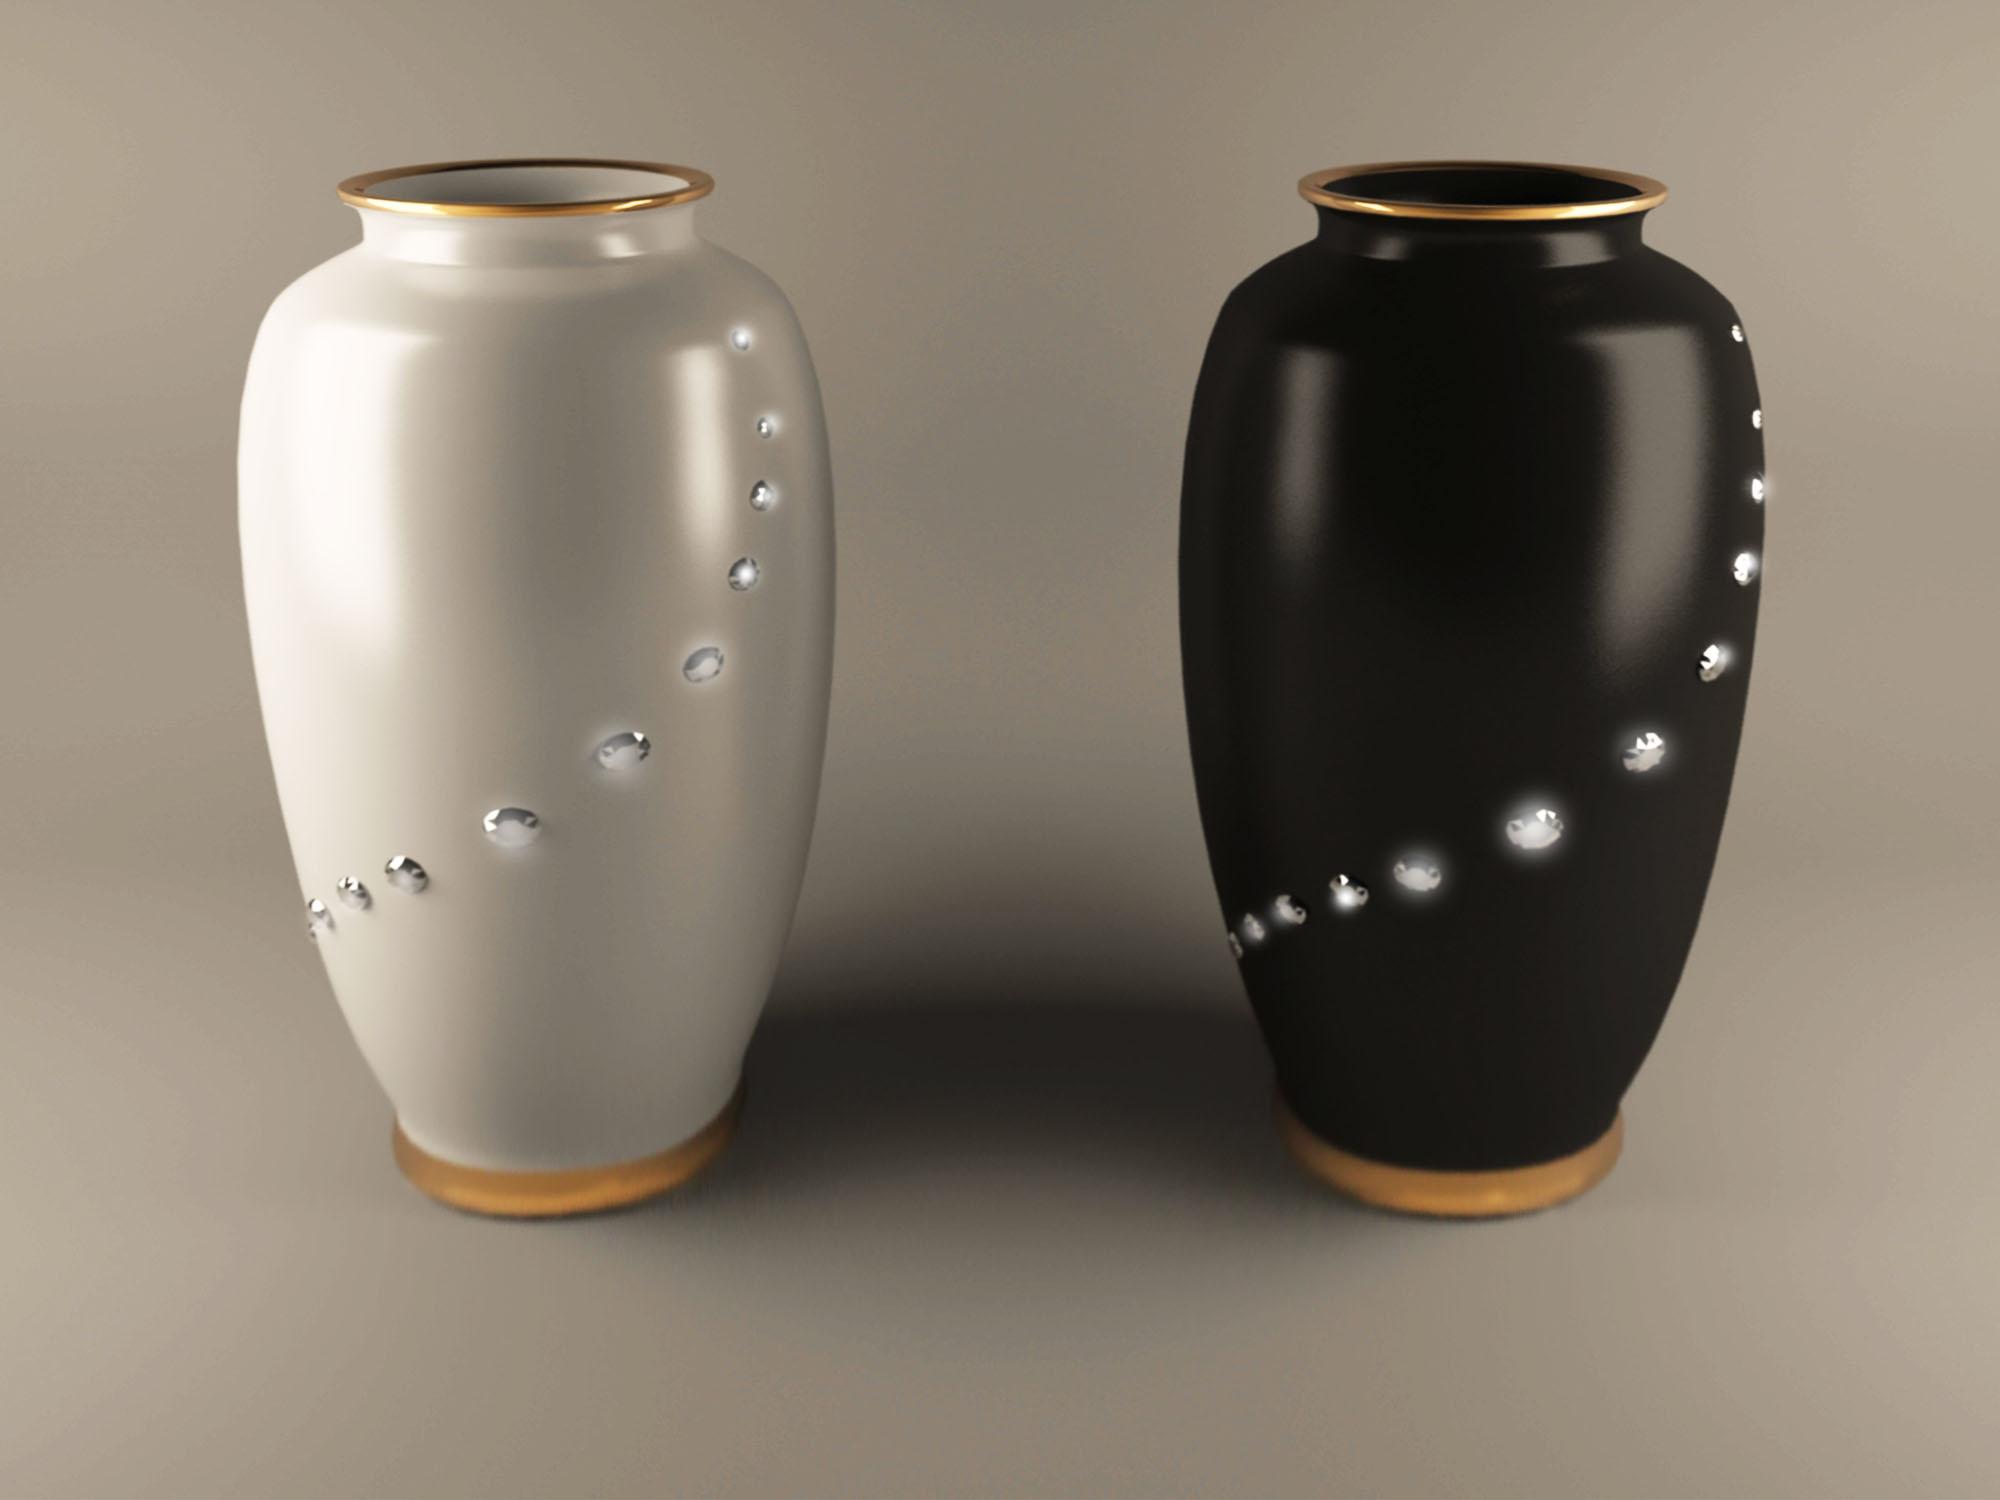 вазна Ханчжоу 3d модел макс obj 208743